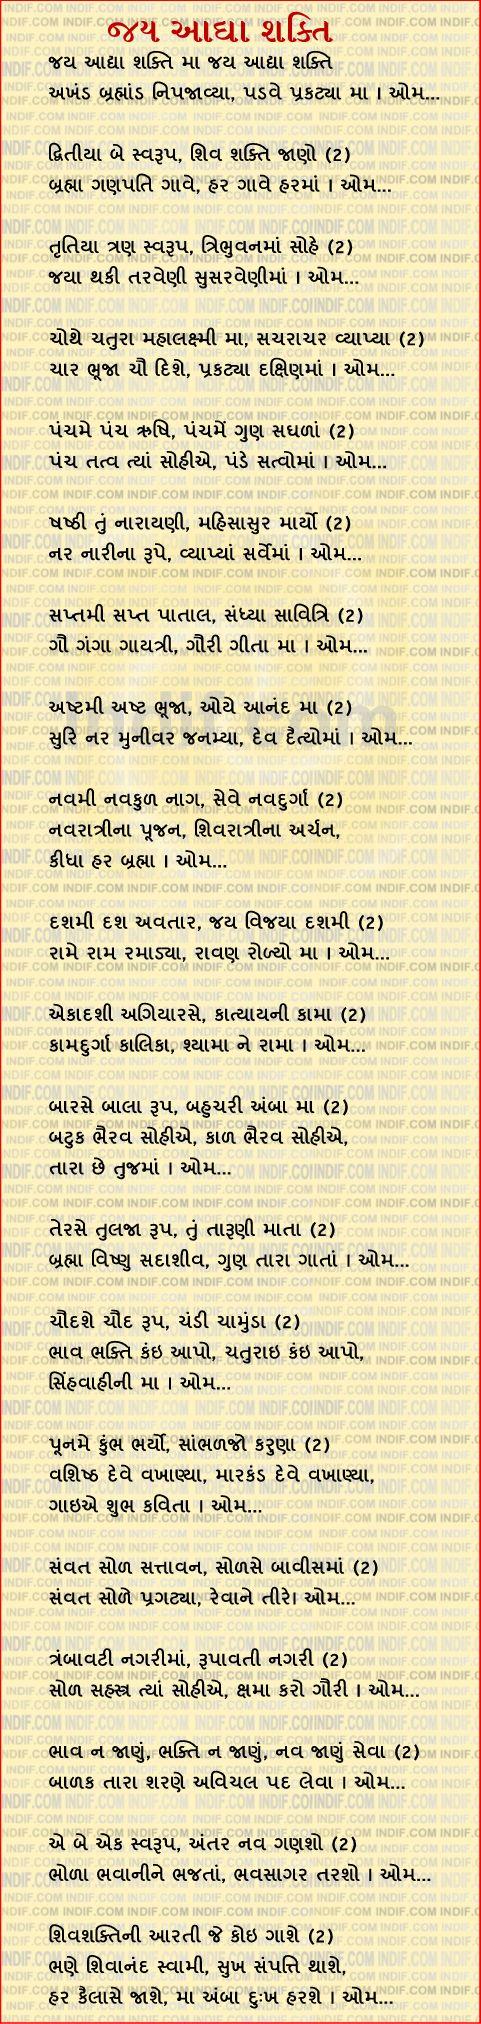 Jay adhya shakti lyrics in hindi pdf